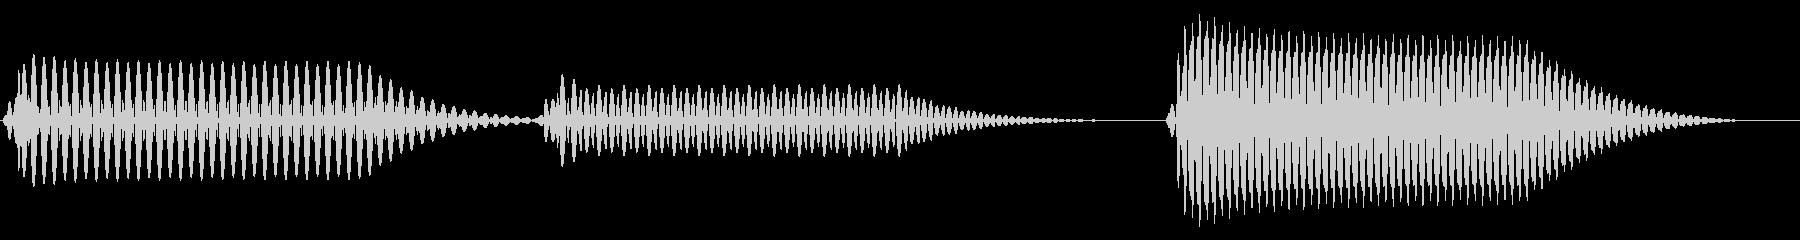 往年のRPG風 コマンド音 シリーズ 7の未再生の波形